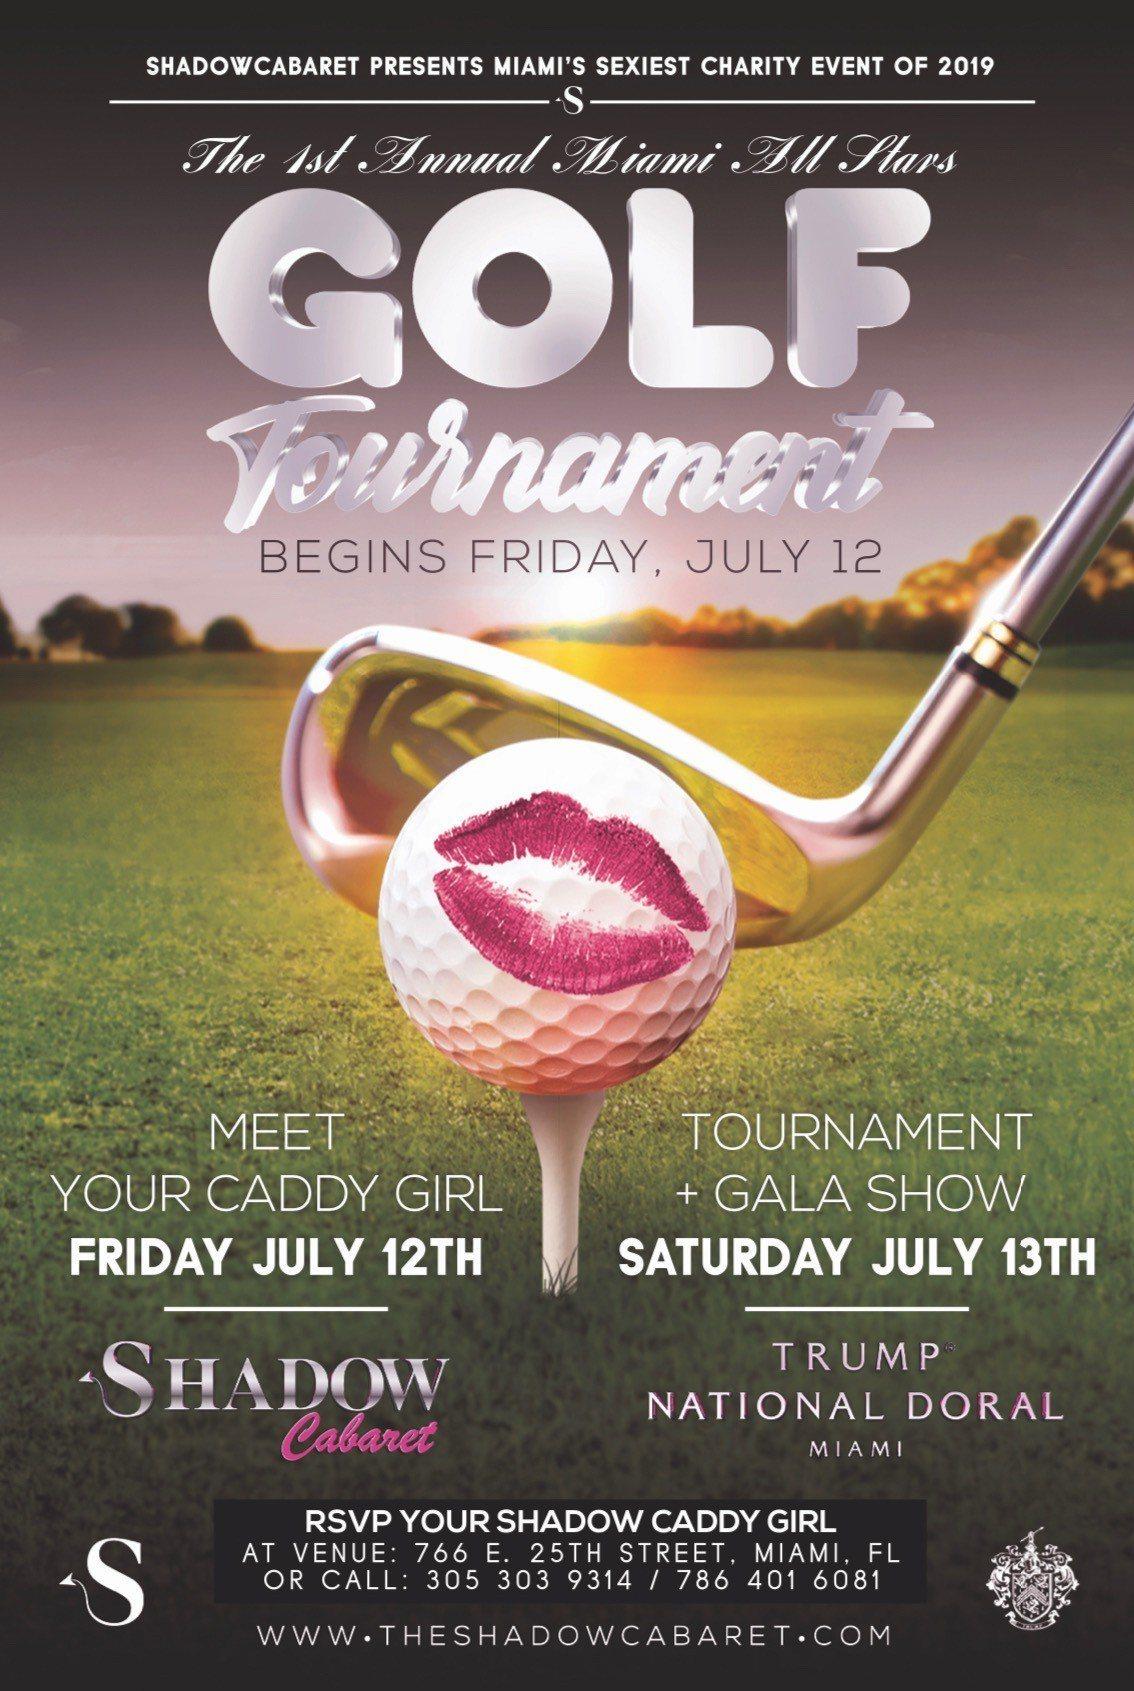 佛州「影子夜總會」舉辦的「影子全明星高爾夫球巡迴賽」廣告。取自官網